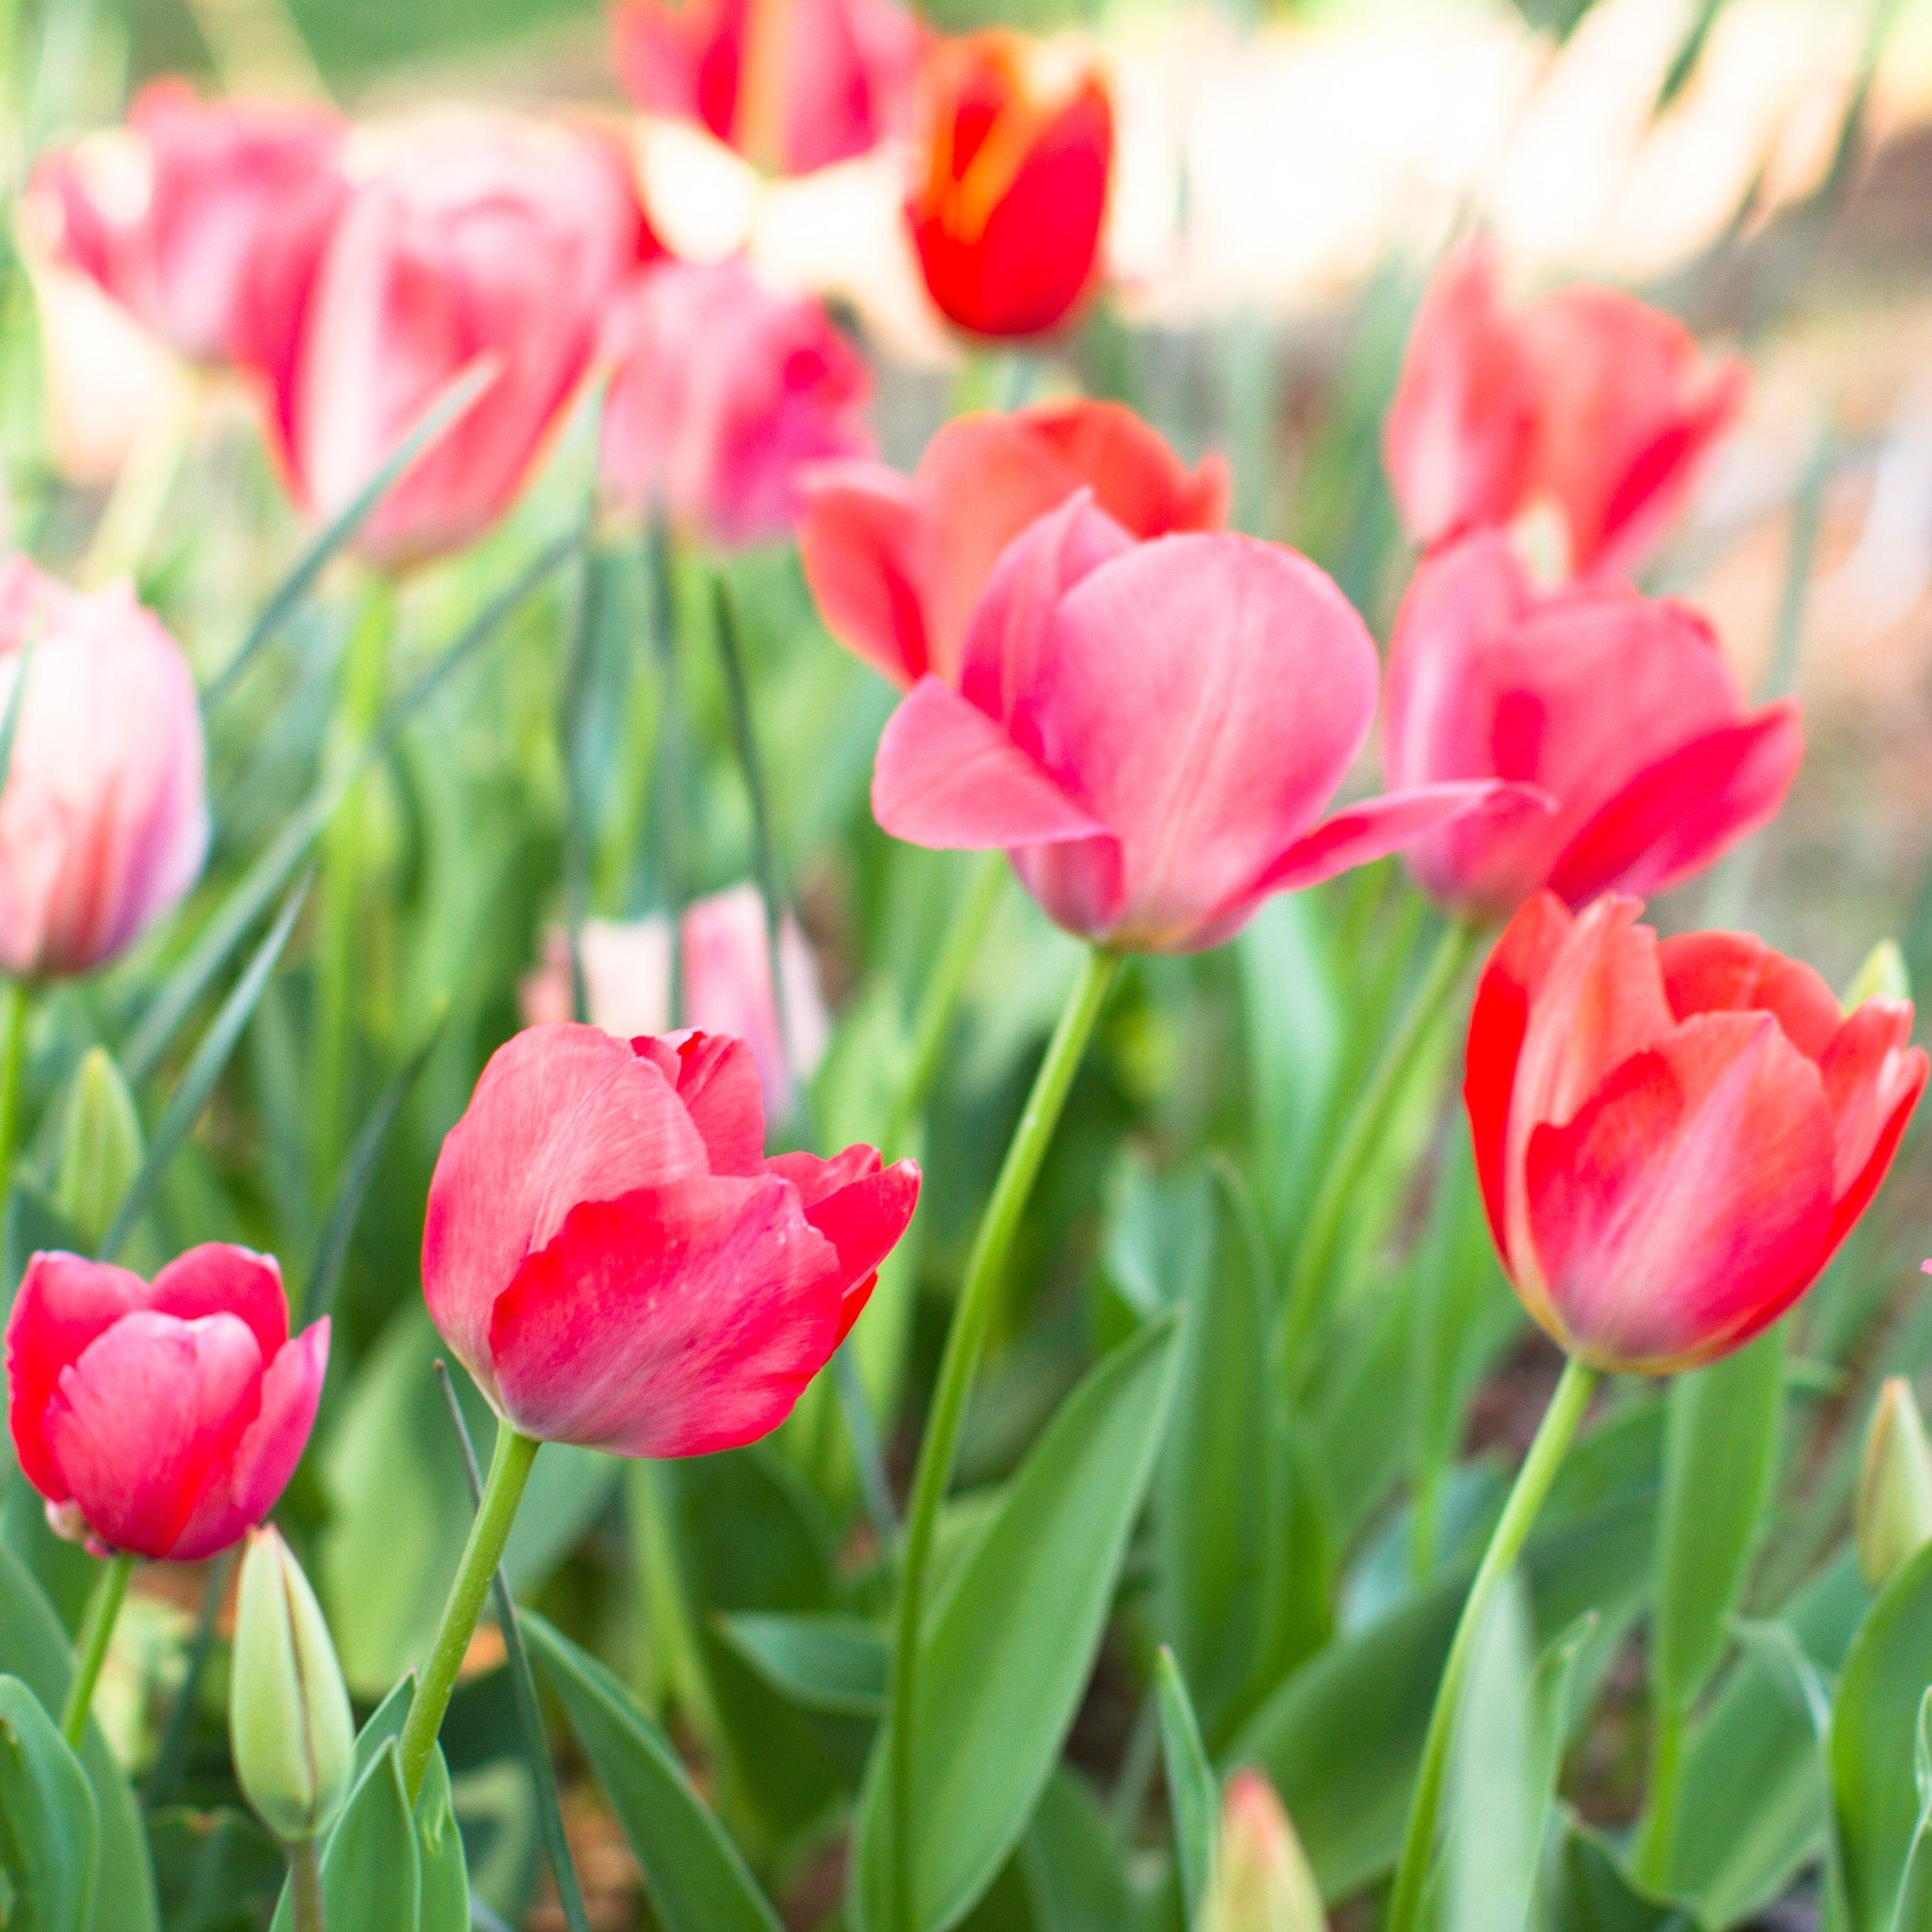 Tulips - April 2017 037.jpg